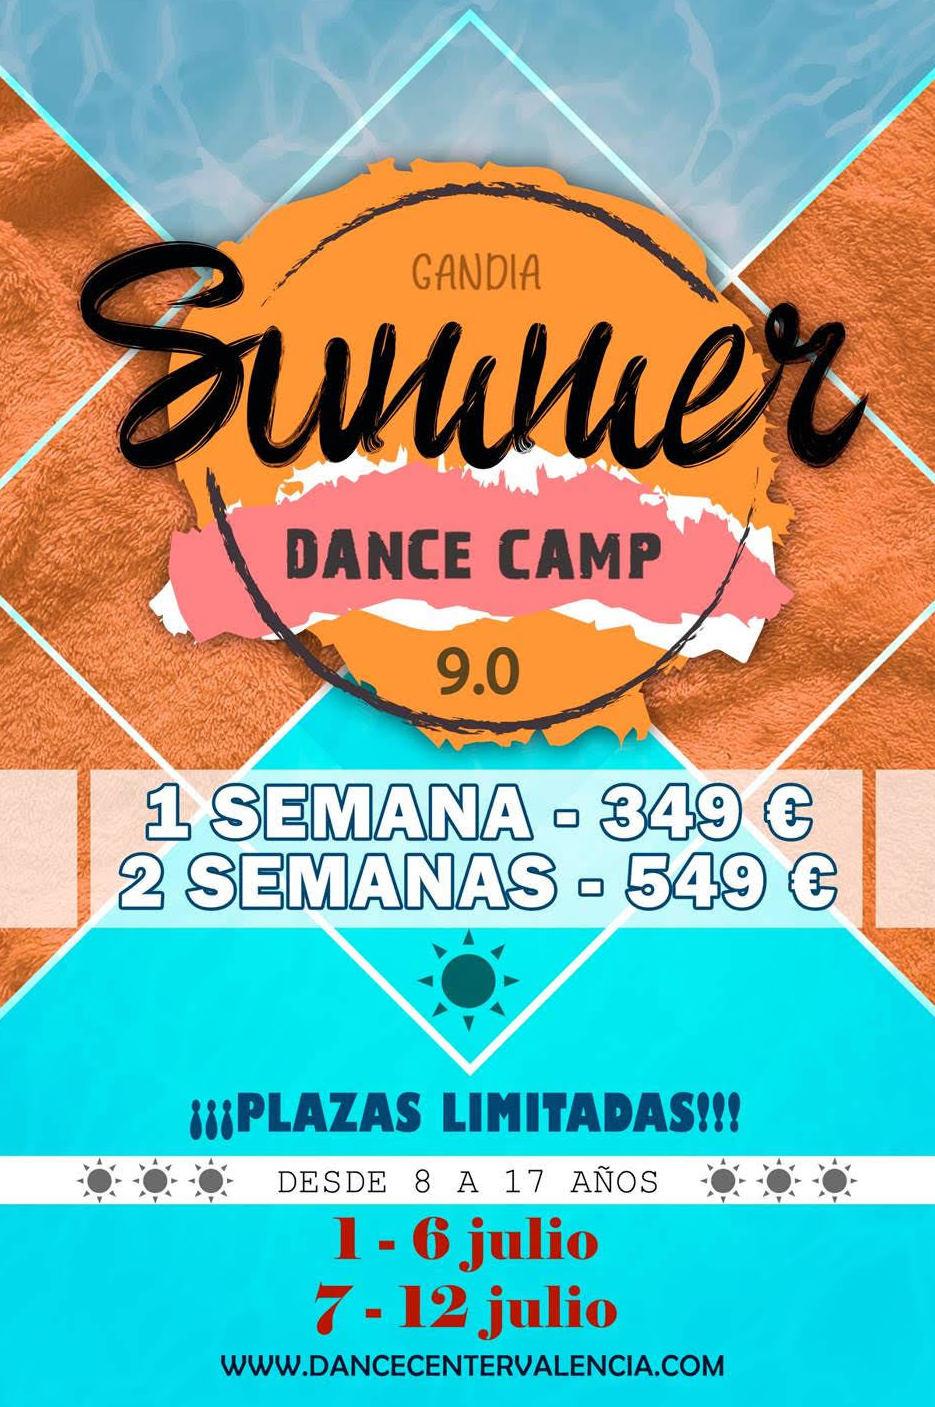 Urban Summer Dance Camp Junior 2019. Campamento de Verano 2019.: Clases y Campamentos de Dance Center Valencia